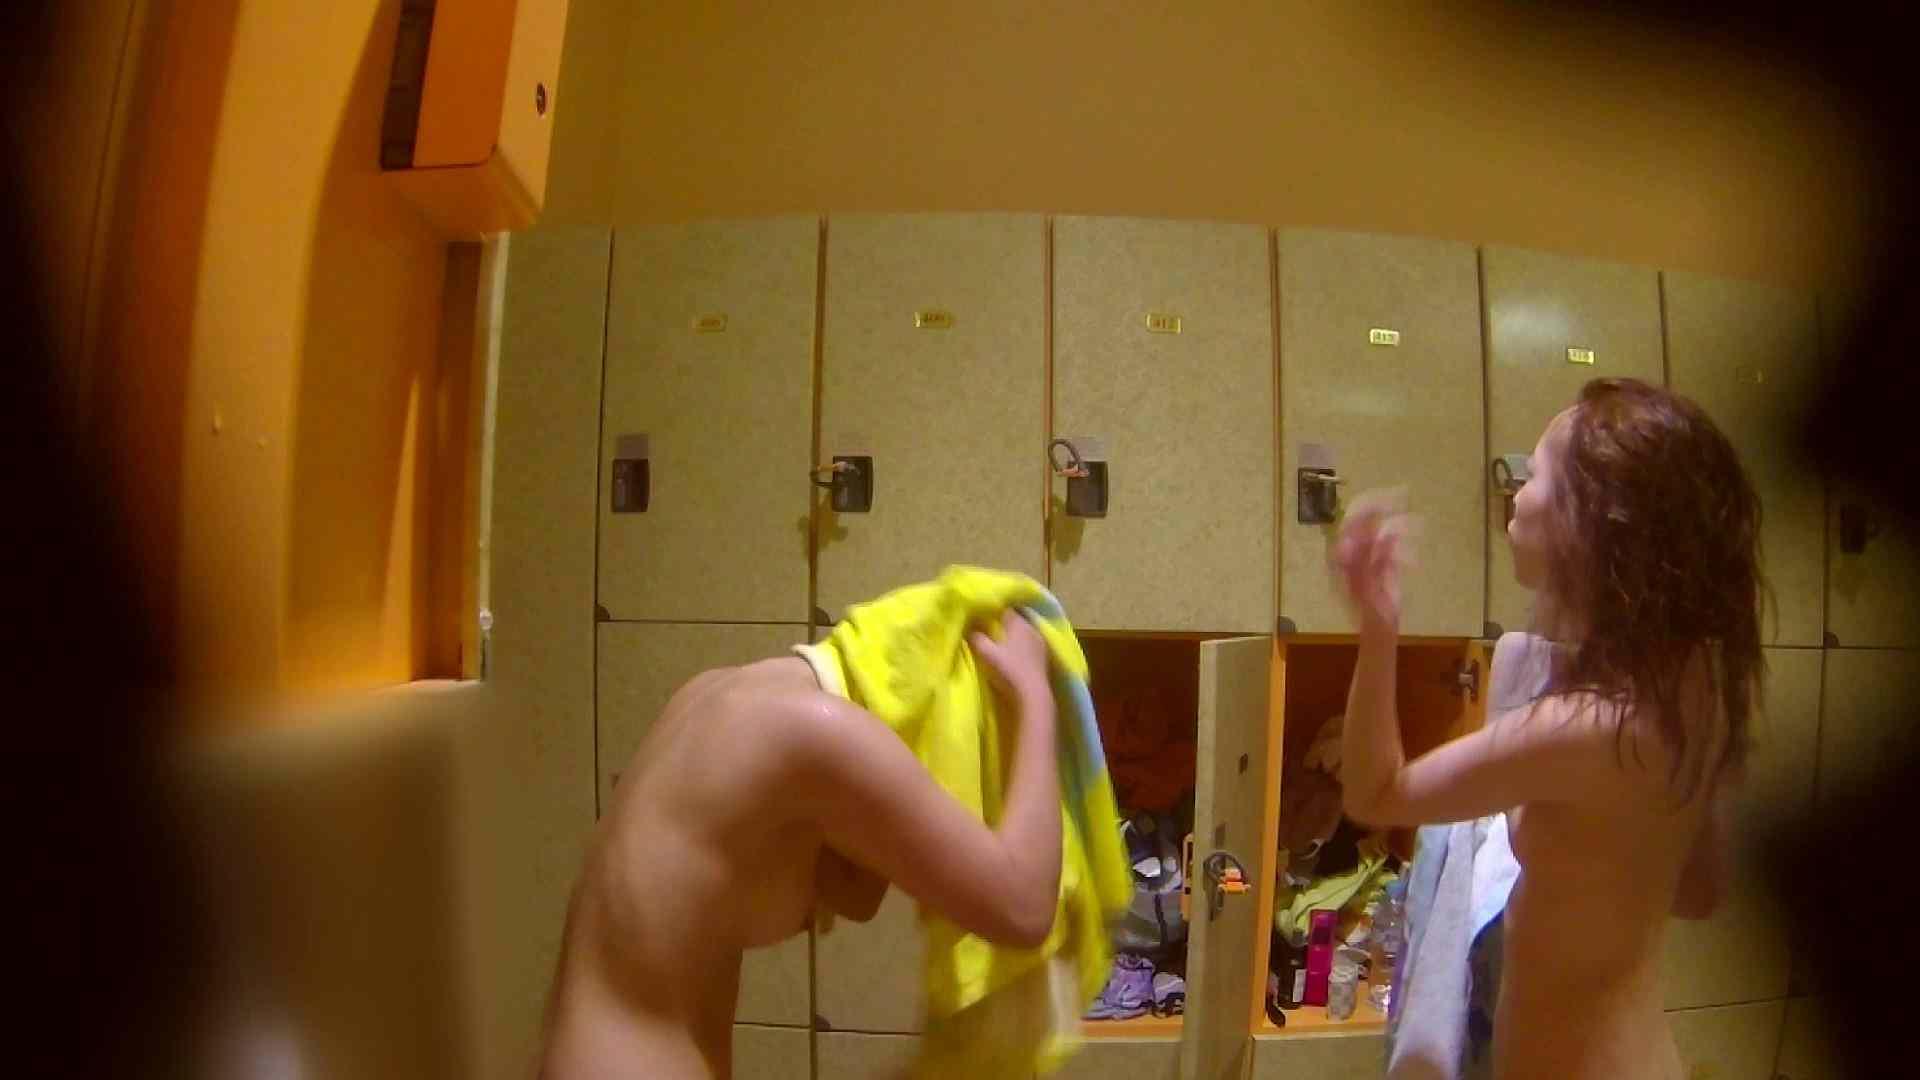 追い撮り!脱衣~洗い場、そして着替え、髪を乾かすまで完全追跡。 追跡 戯れ無修正画像 108枚